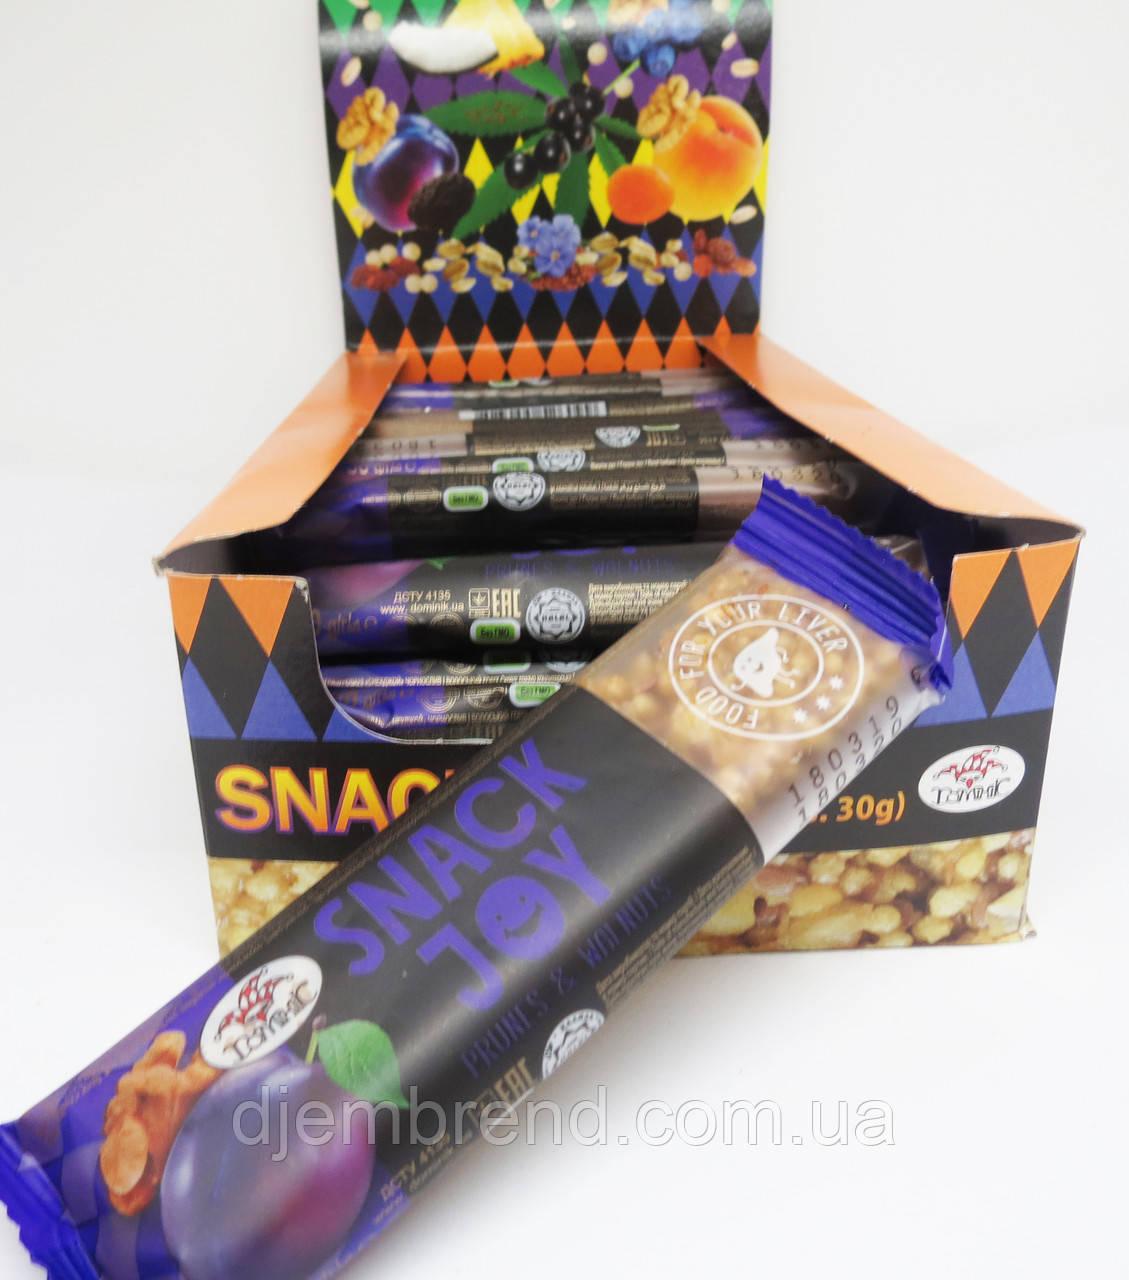 Мультизлаковый батончик Snack Joy с черносливом и грецким орехом Доминик , 30 гр 24 штуки в упаковке